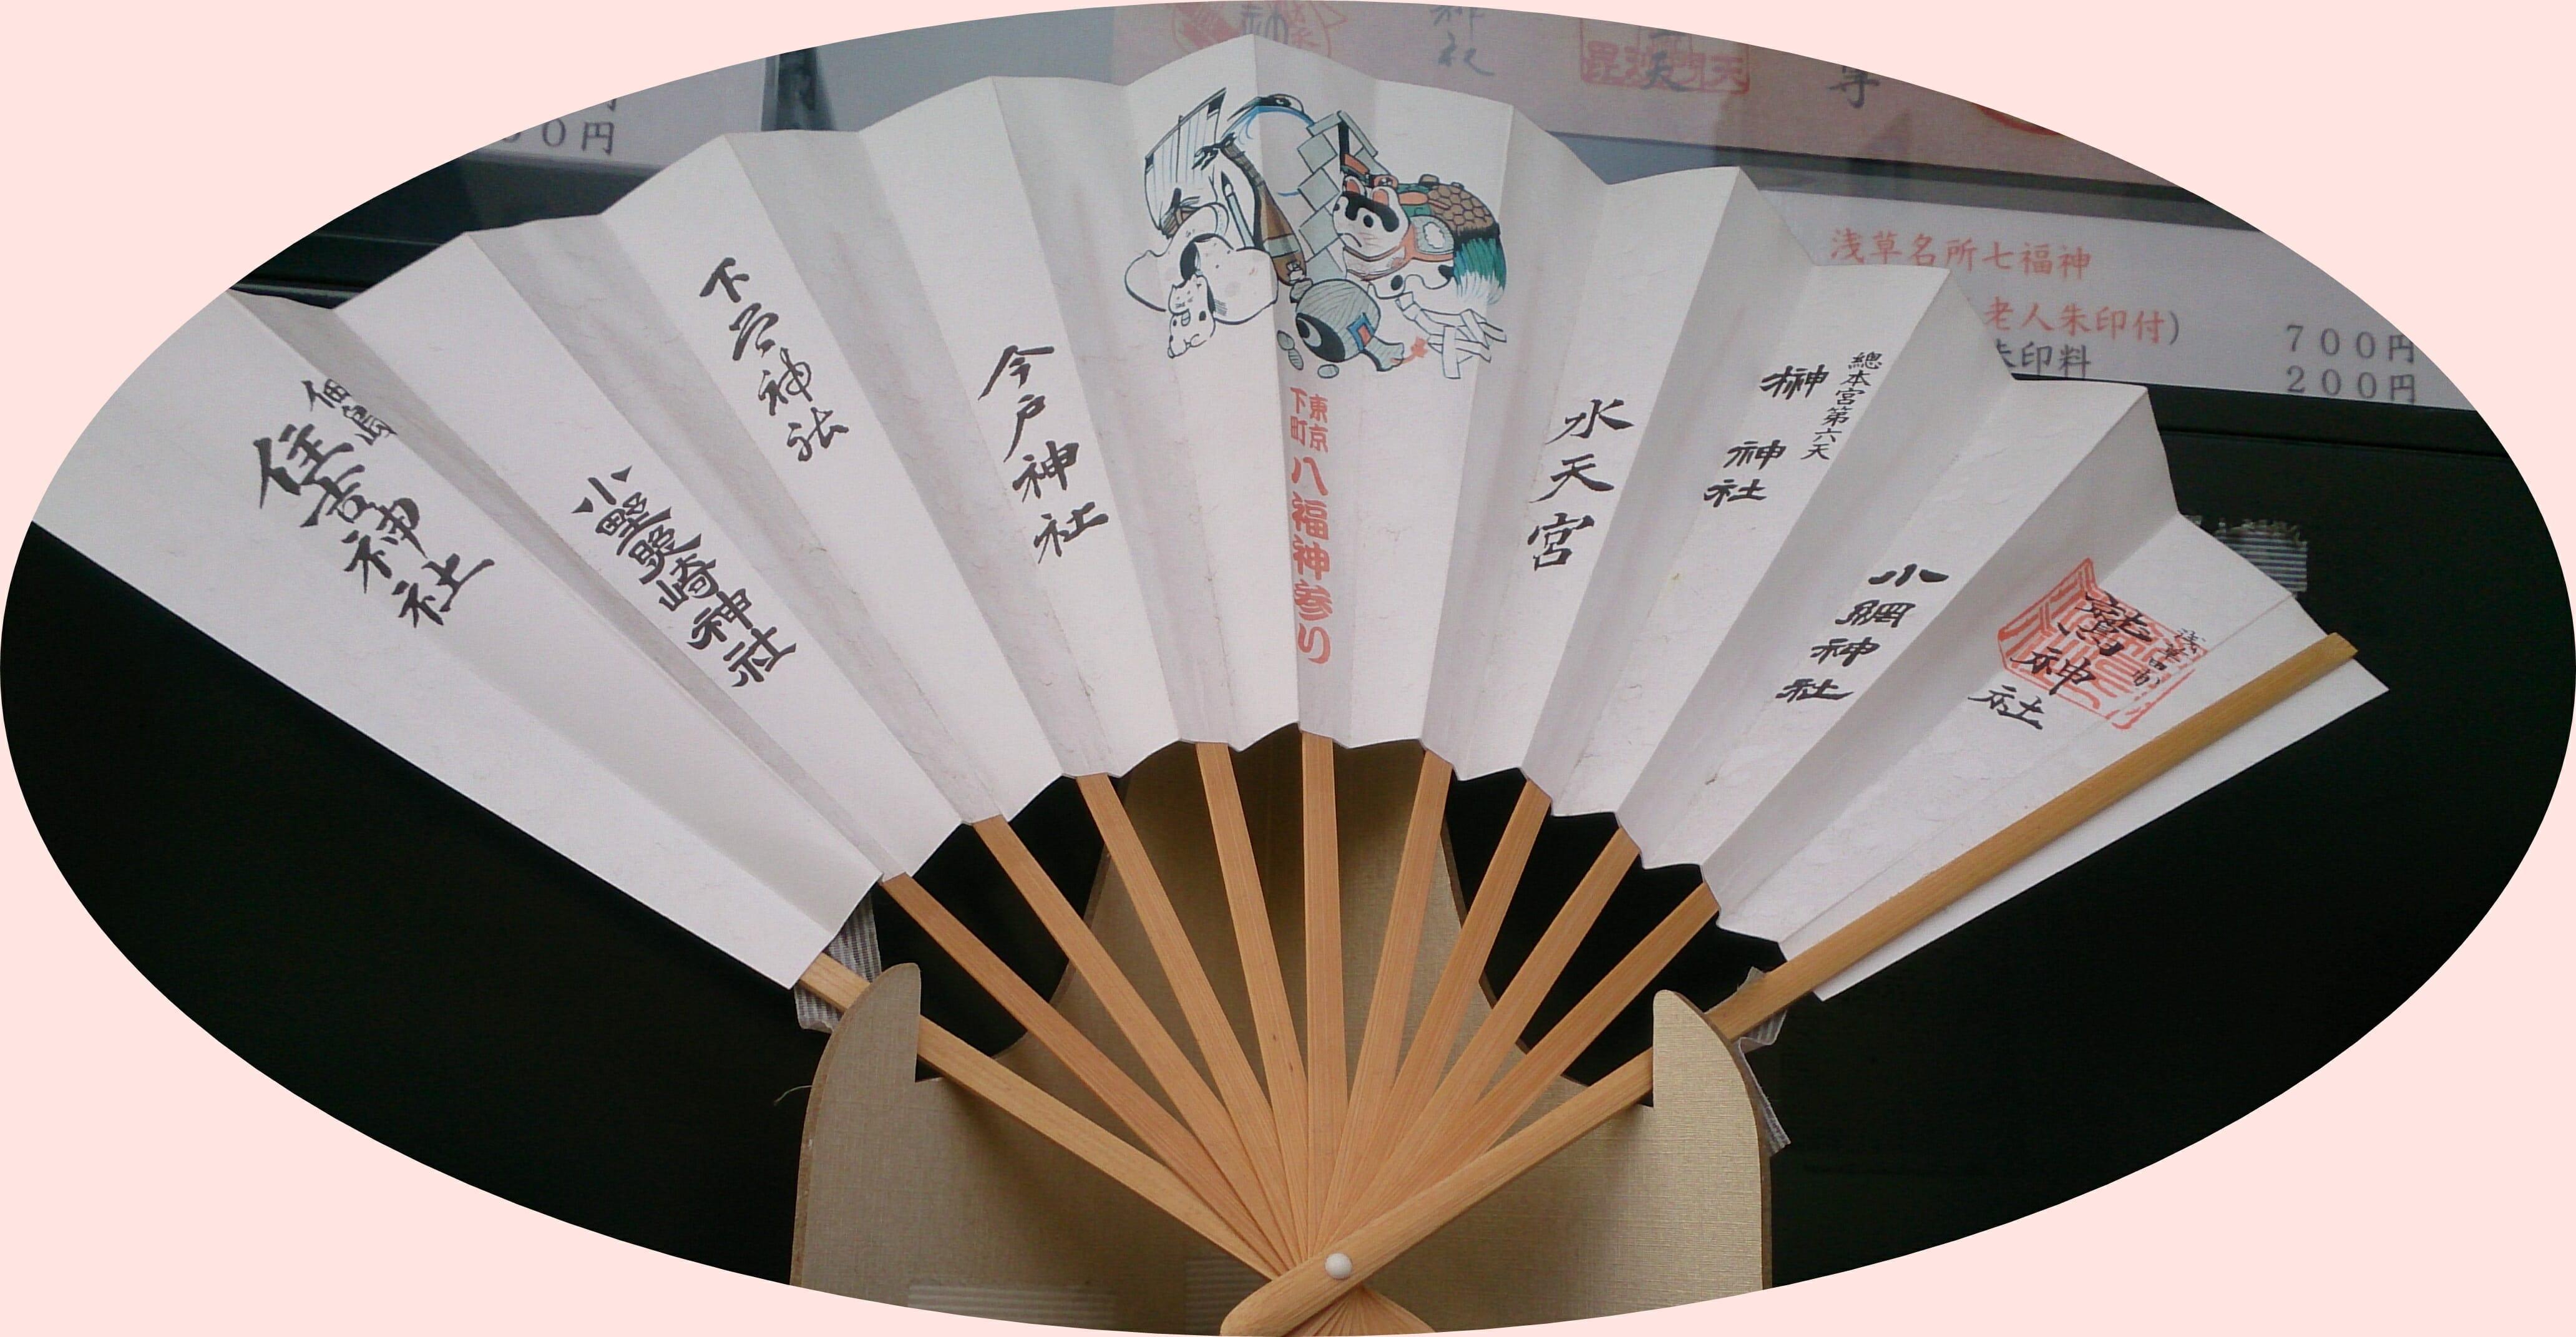 東京下町八福参りの扇子